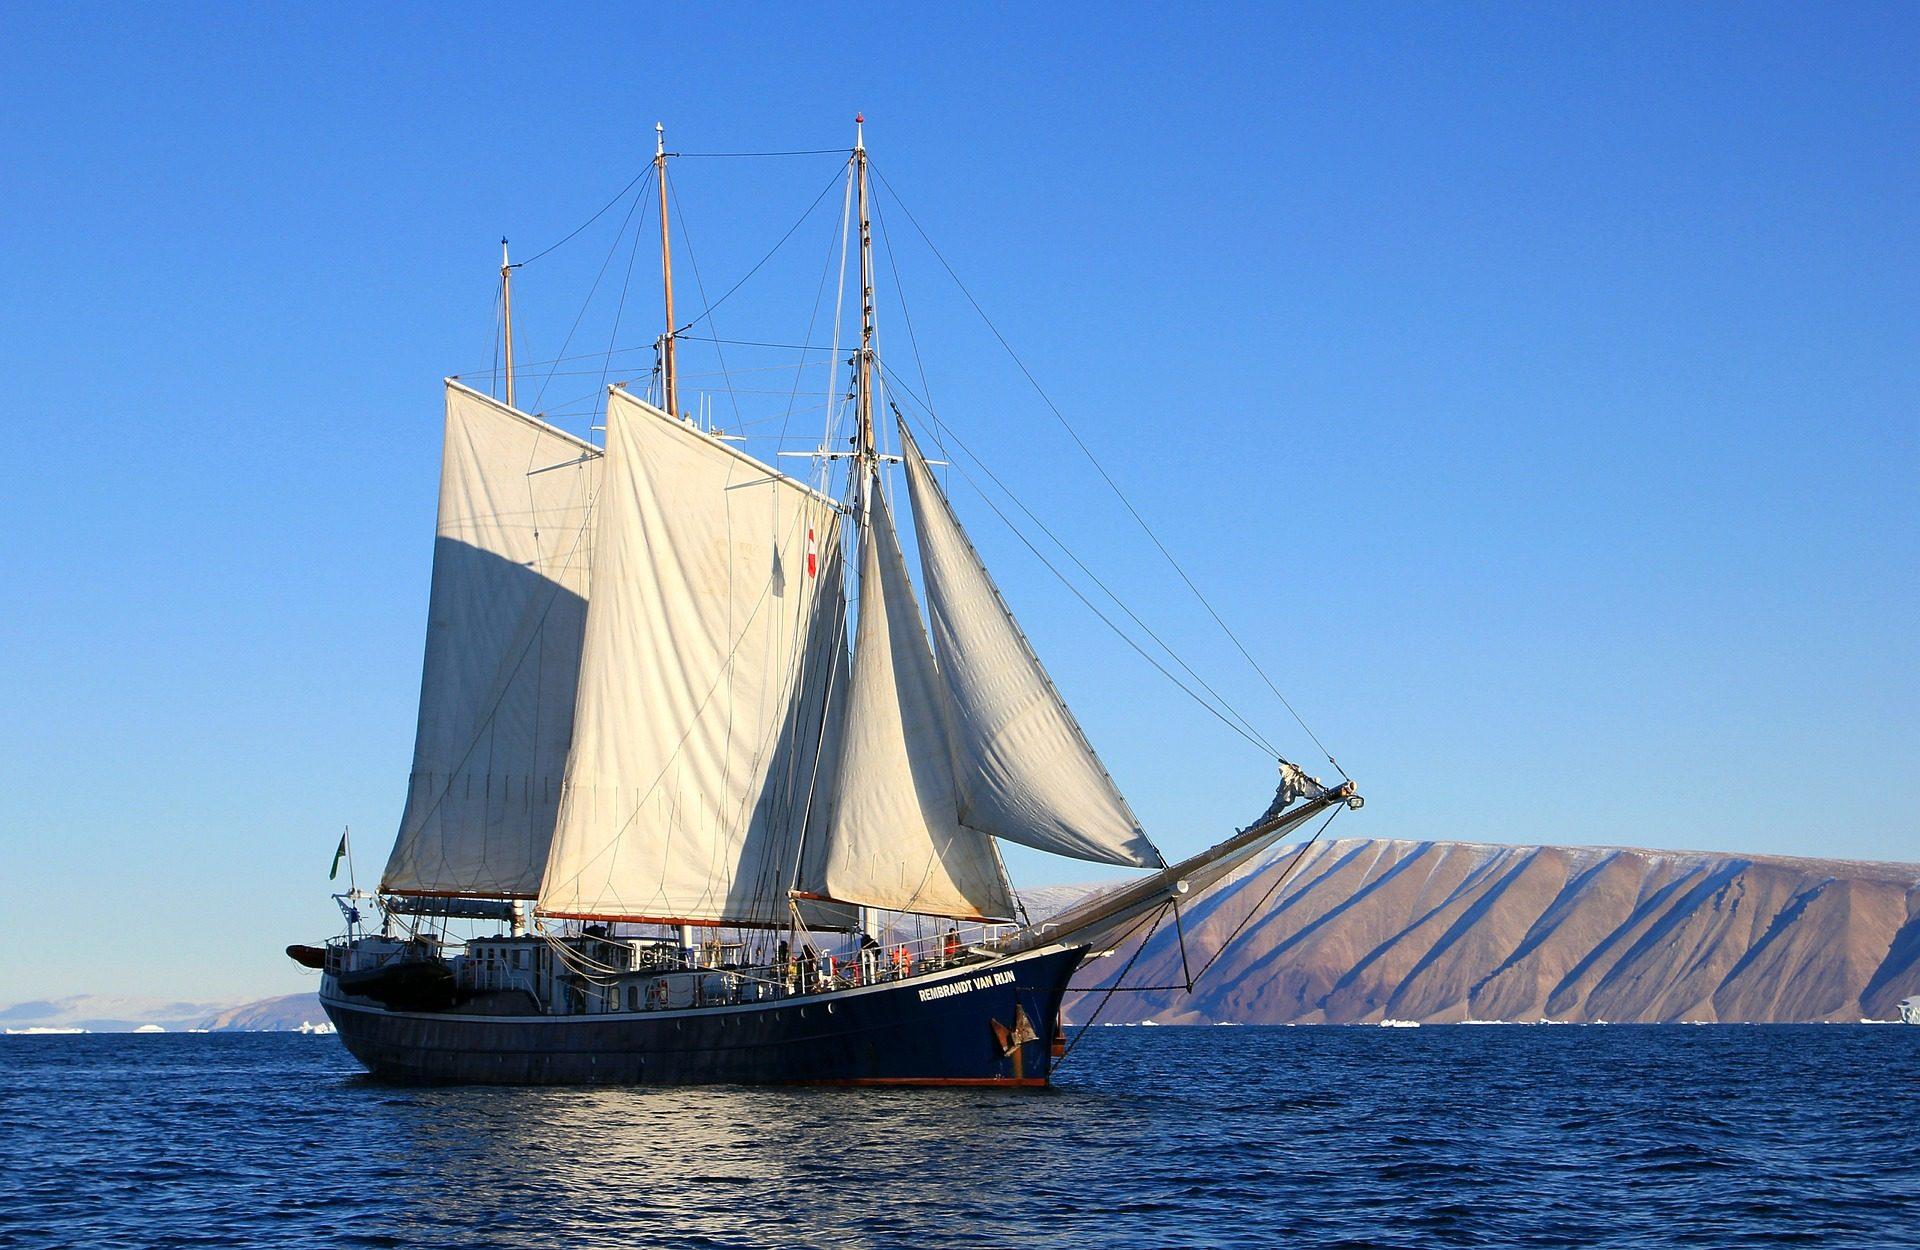 voilier, bateau, navire, Océan, Mer - Fonds d'écran HD - Professor-falken.com